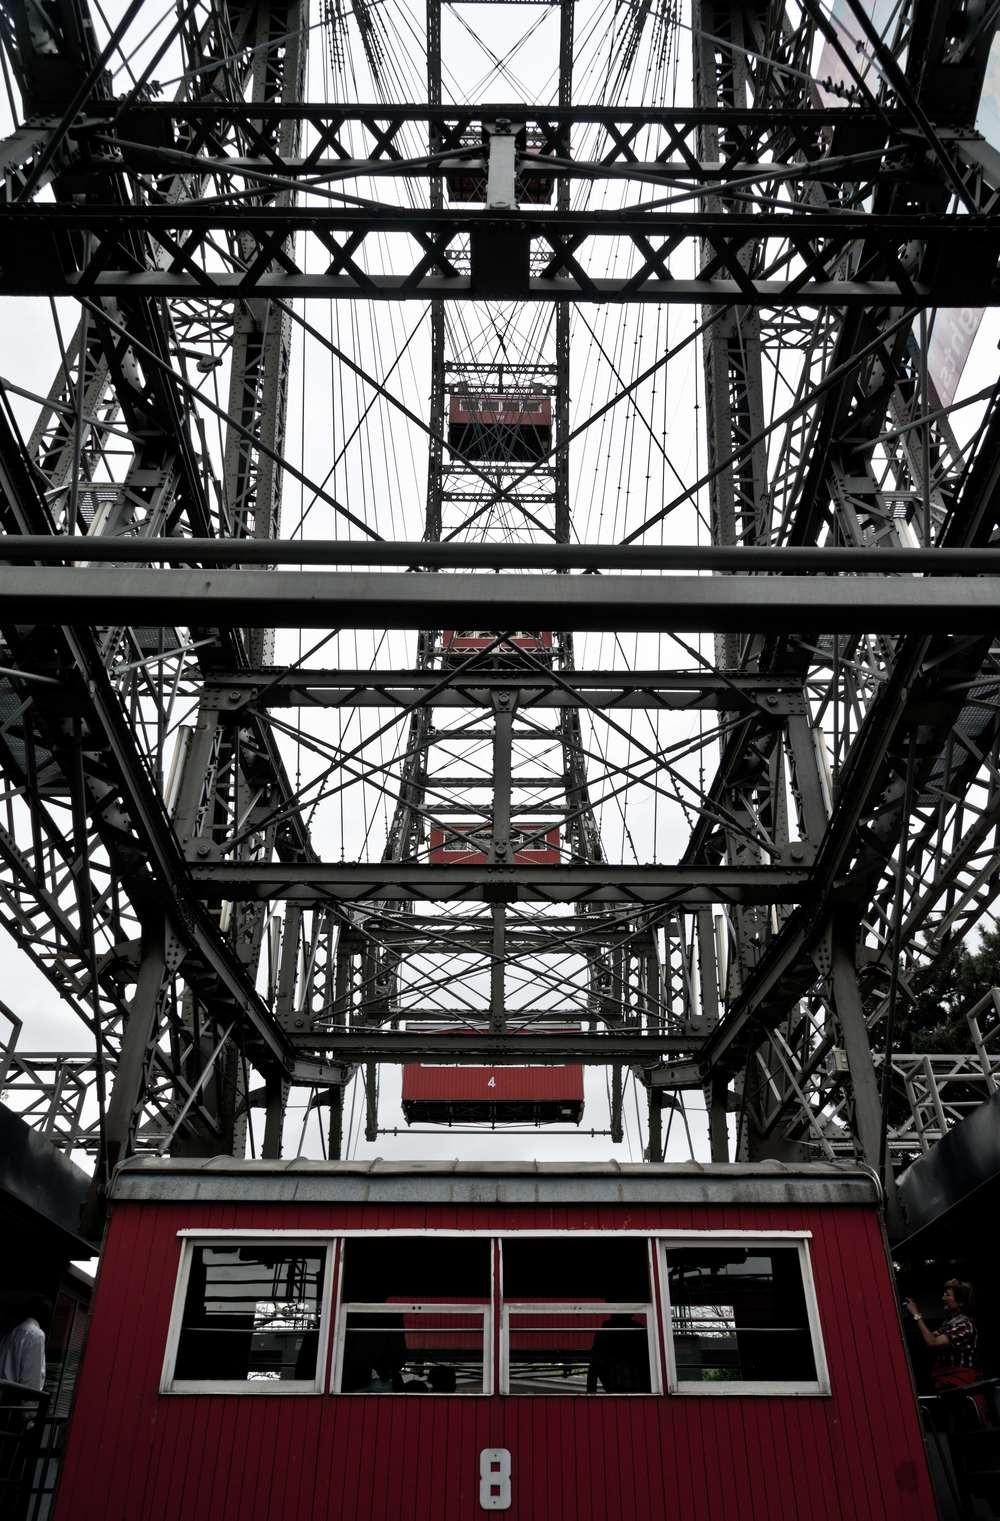 Riesenrad ©Jerzy Palacz.jpg